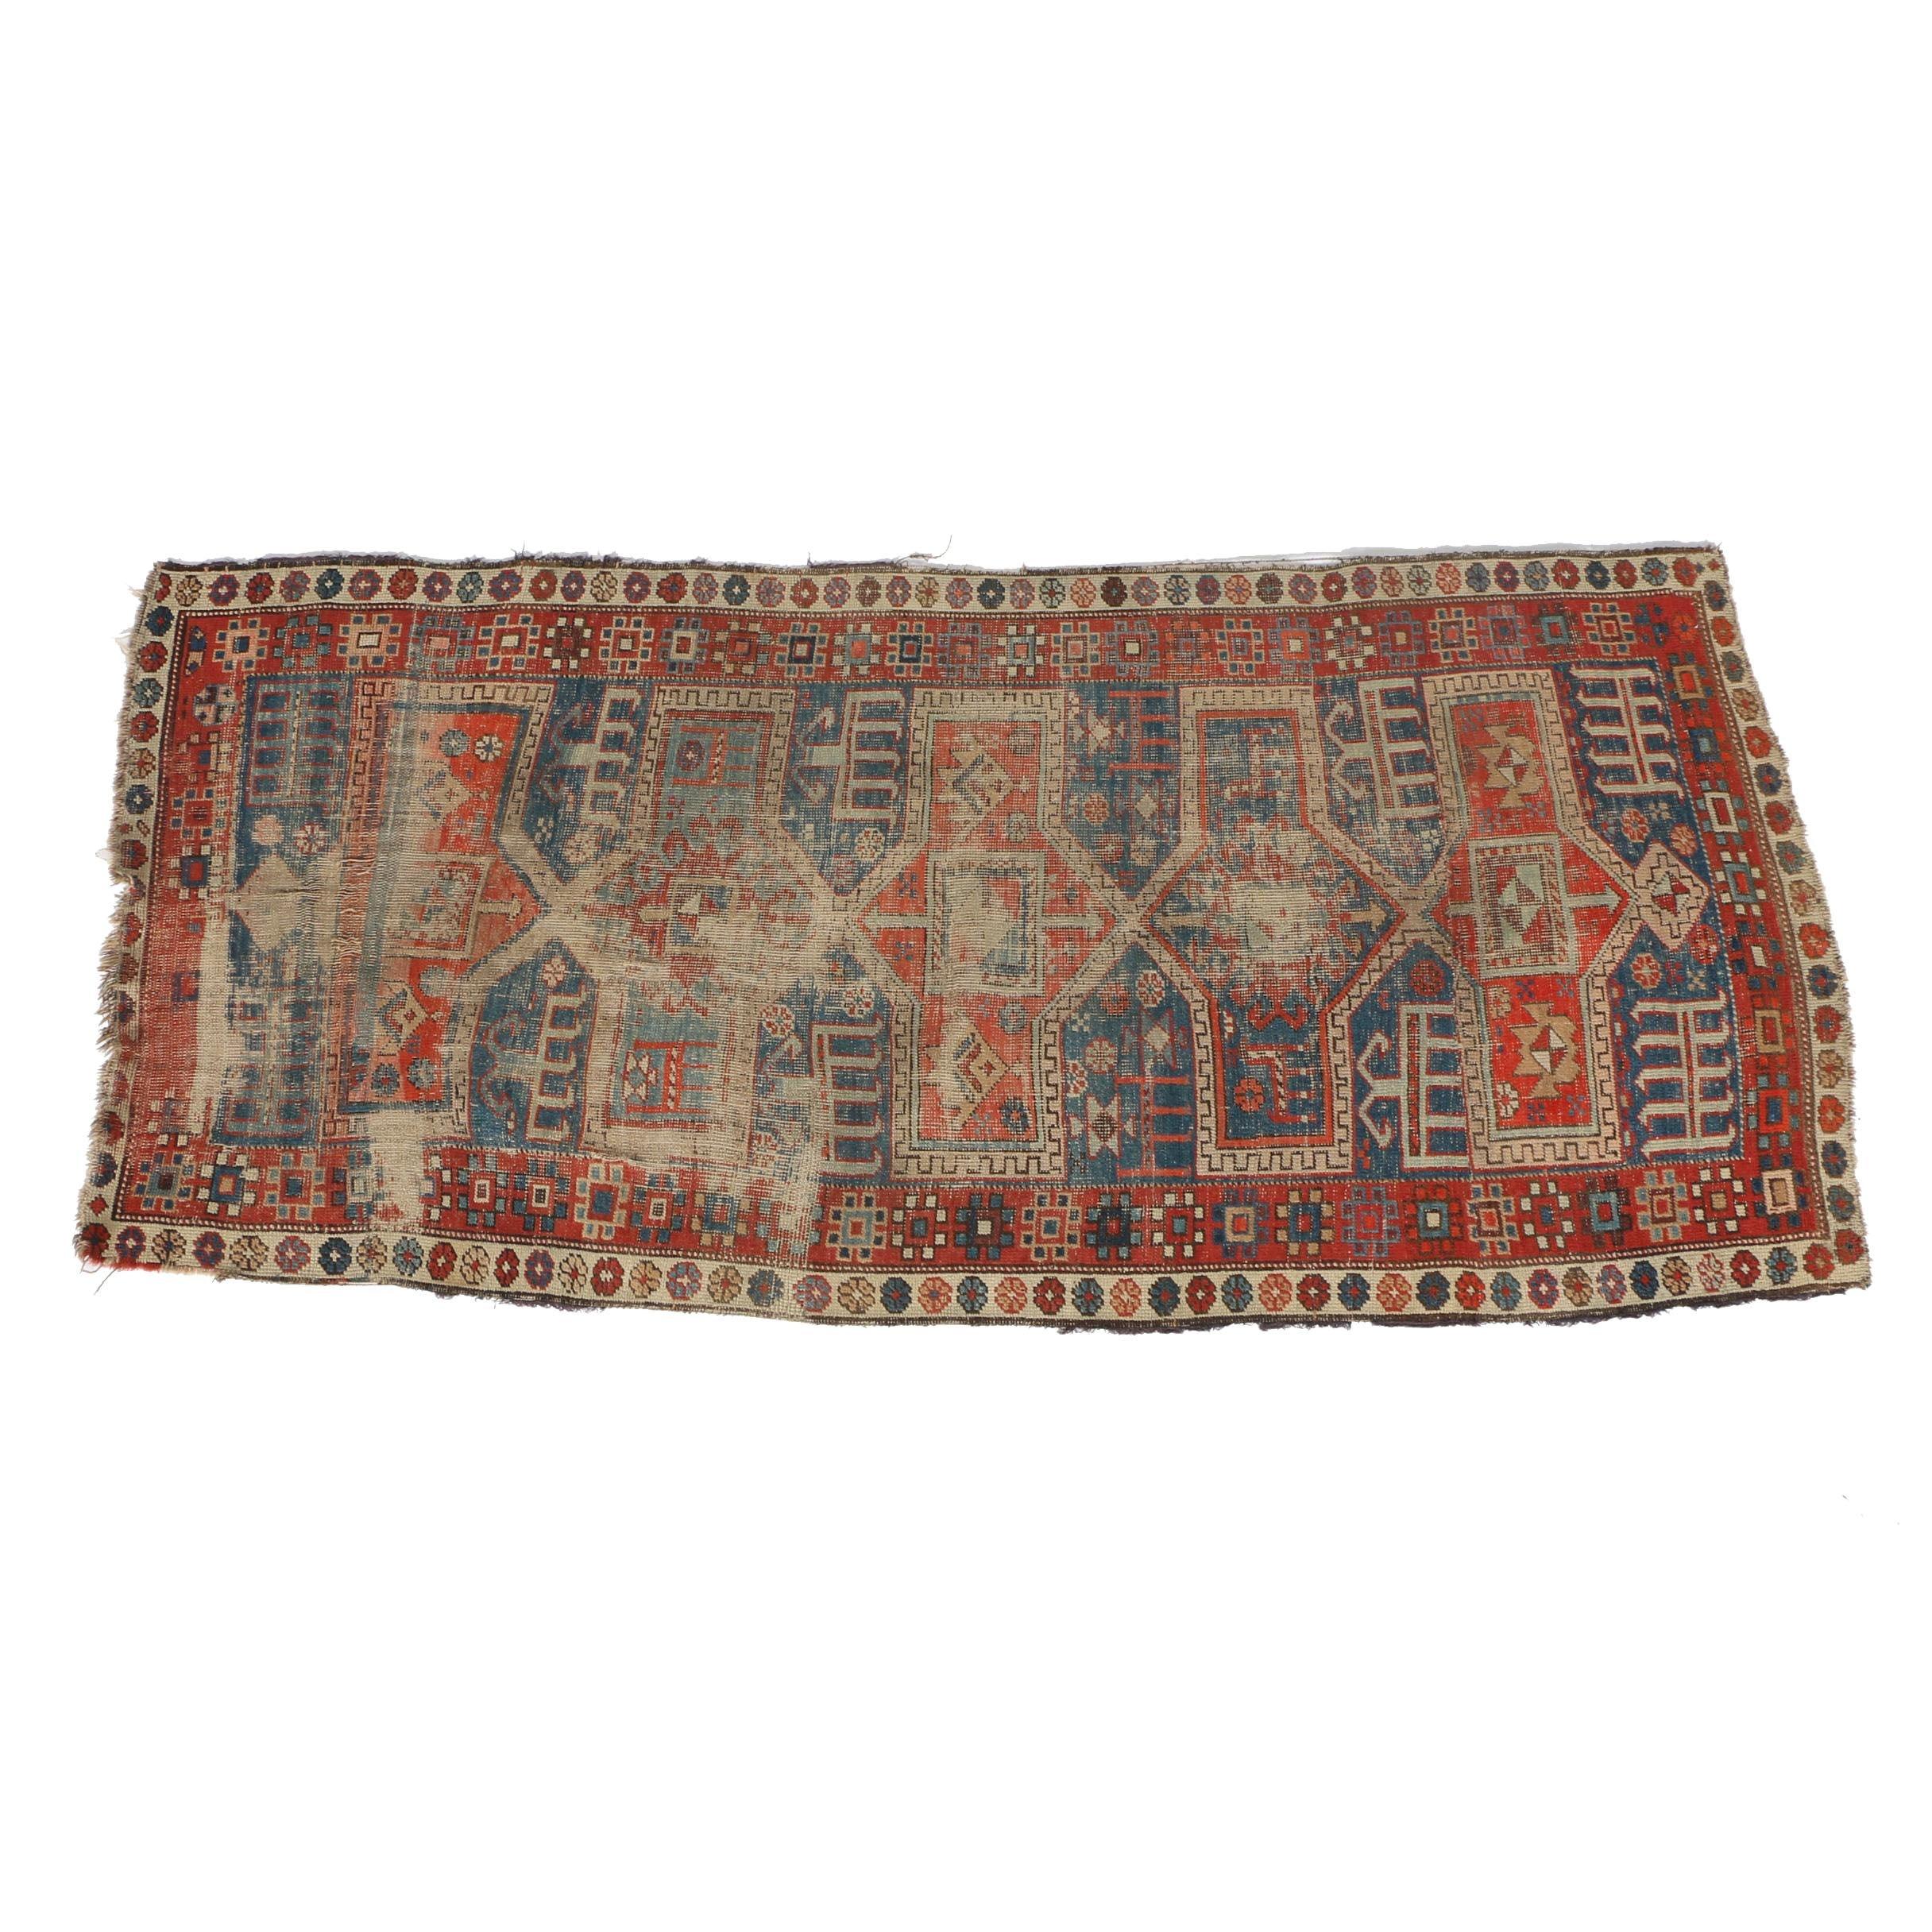 Antique Karabagh Area Rug